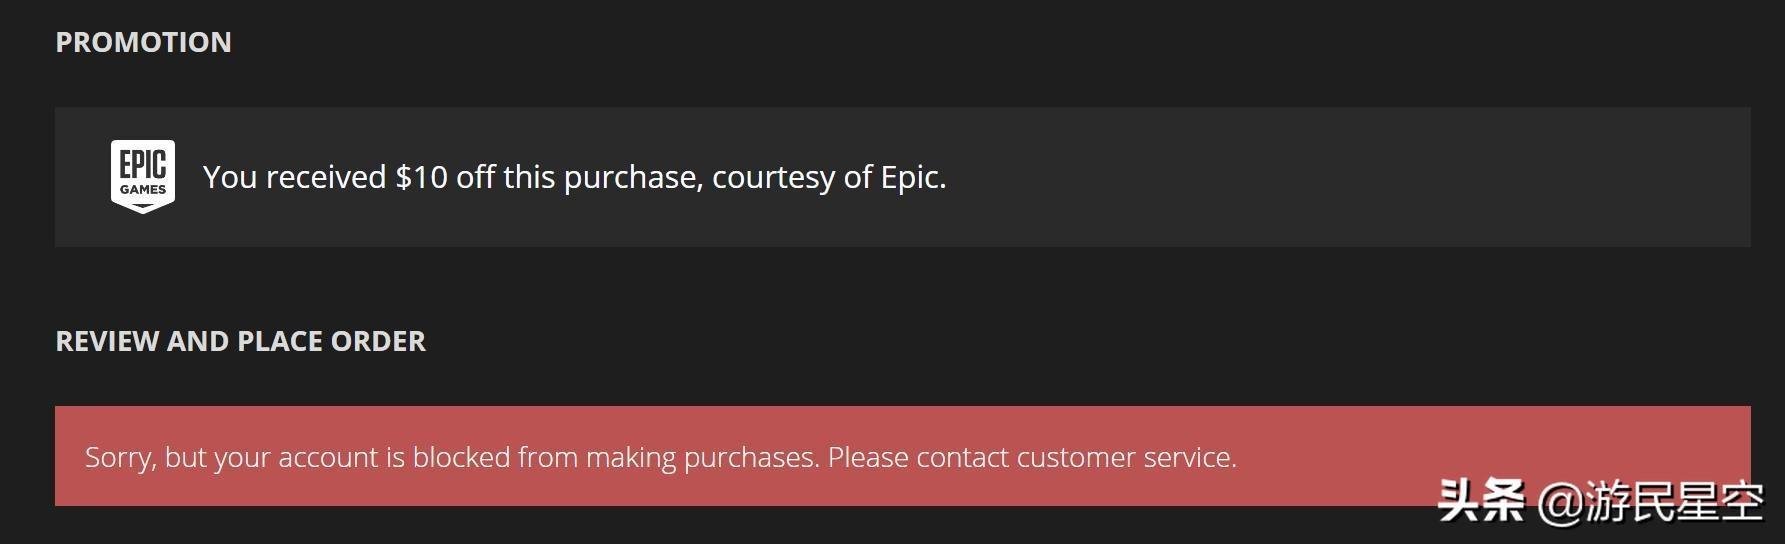 主播在Epic购买太多优惠游戏 系统误判欺诈遭封号 Epic 游戏资讯 第3张